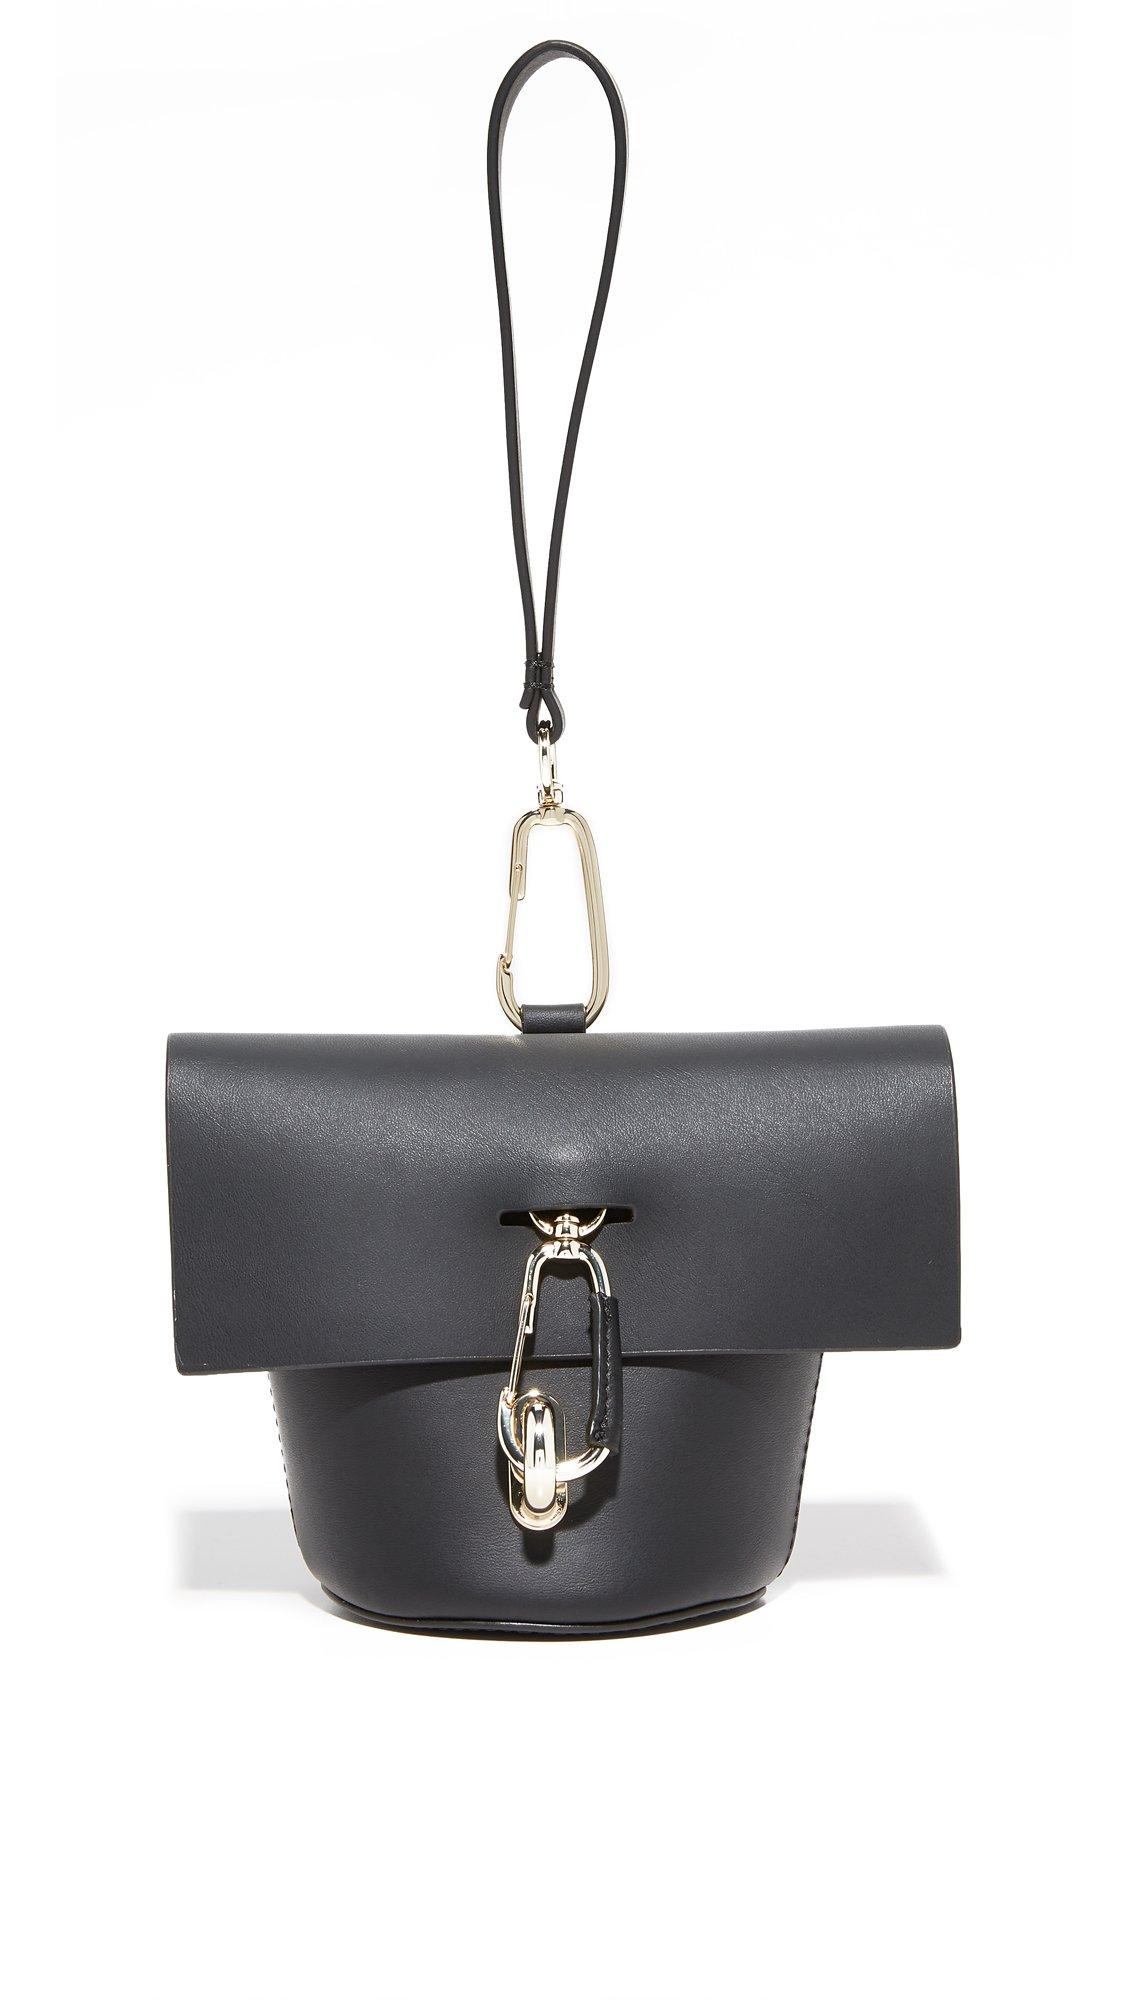 ZAC Zac Posen Women's Belay Wristlet, Black, One Size